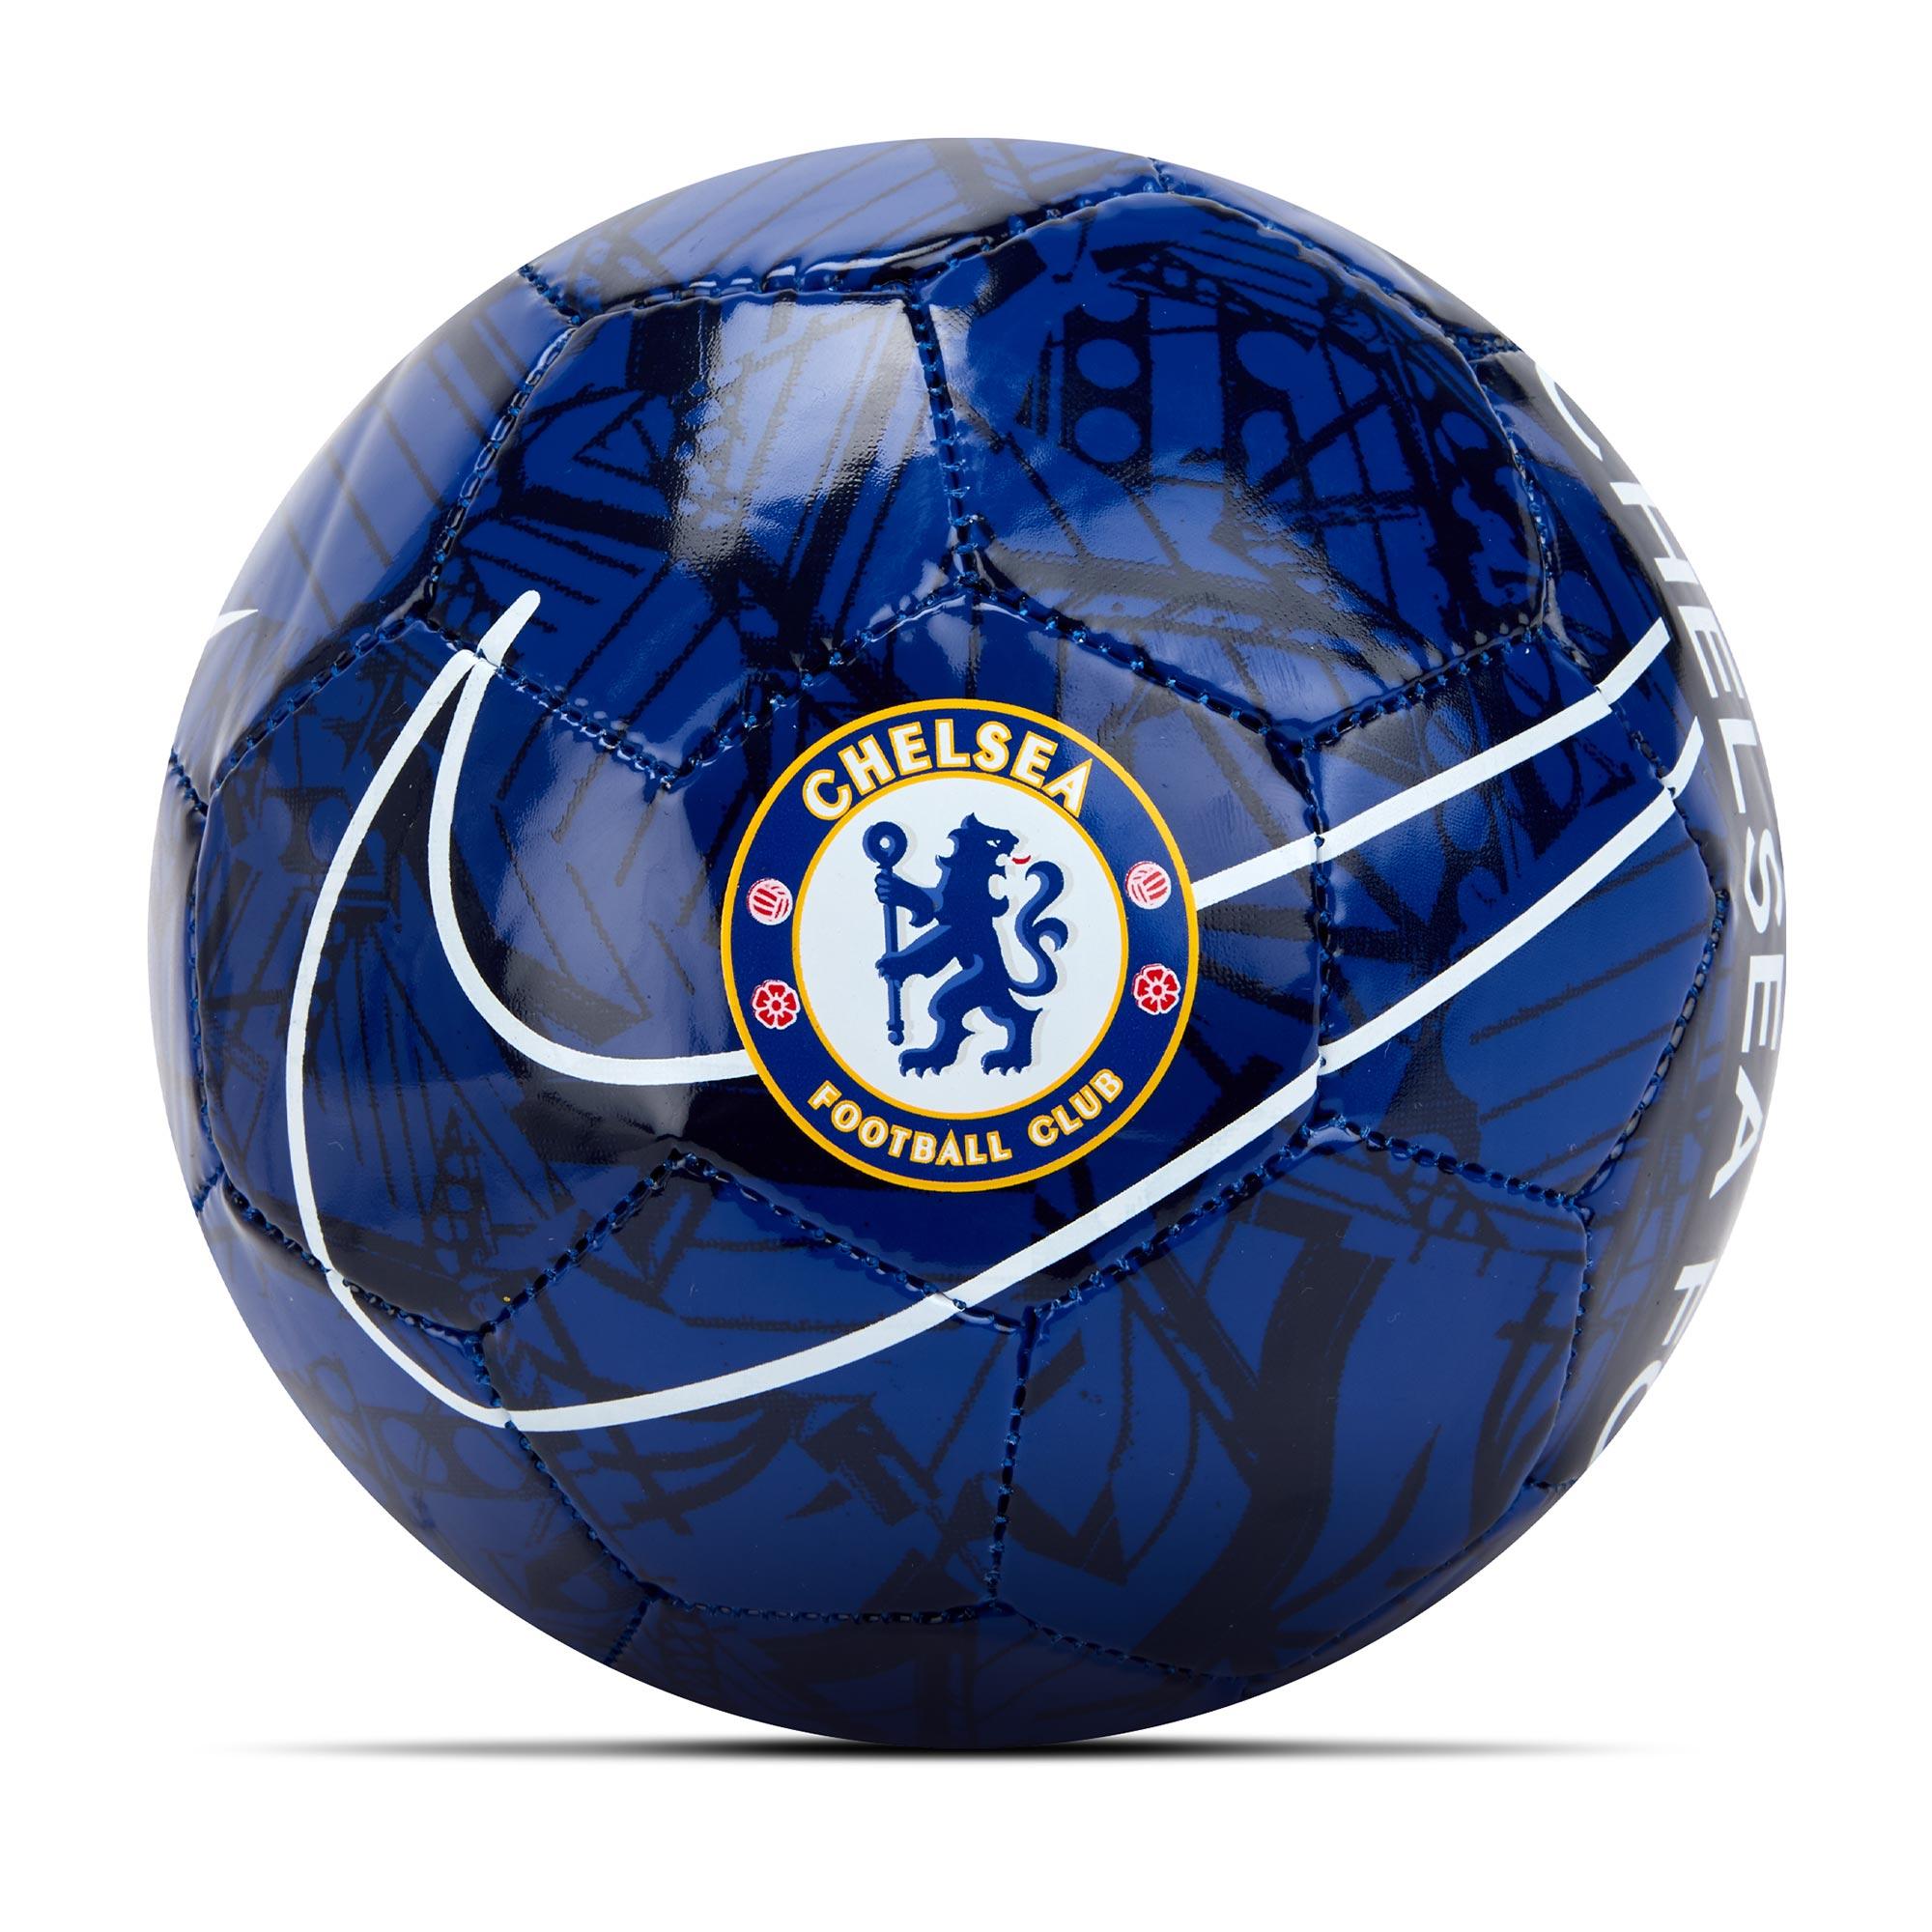 Nike / Balón de fútbol Skills del Chelsea en azul